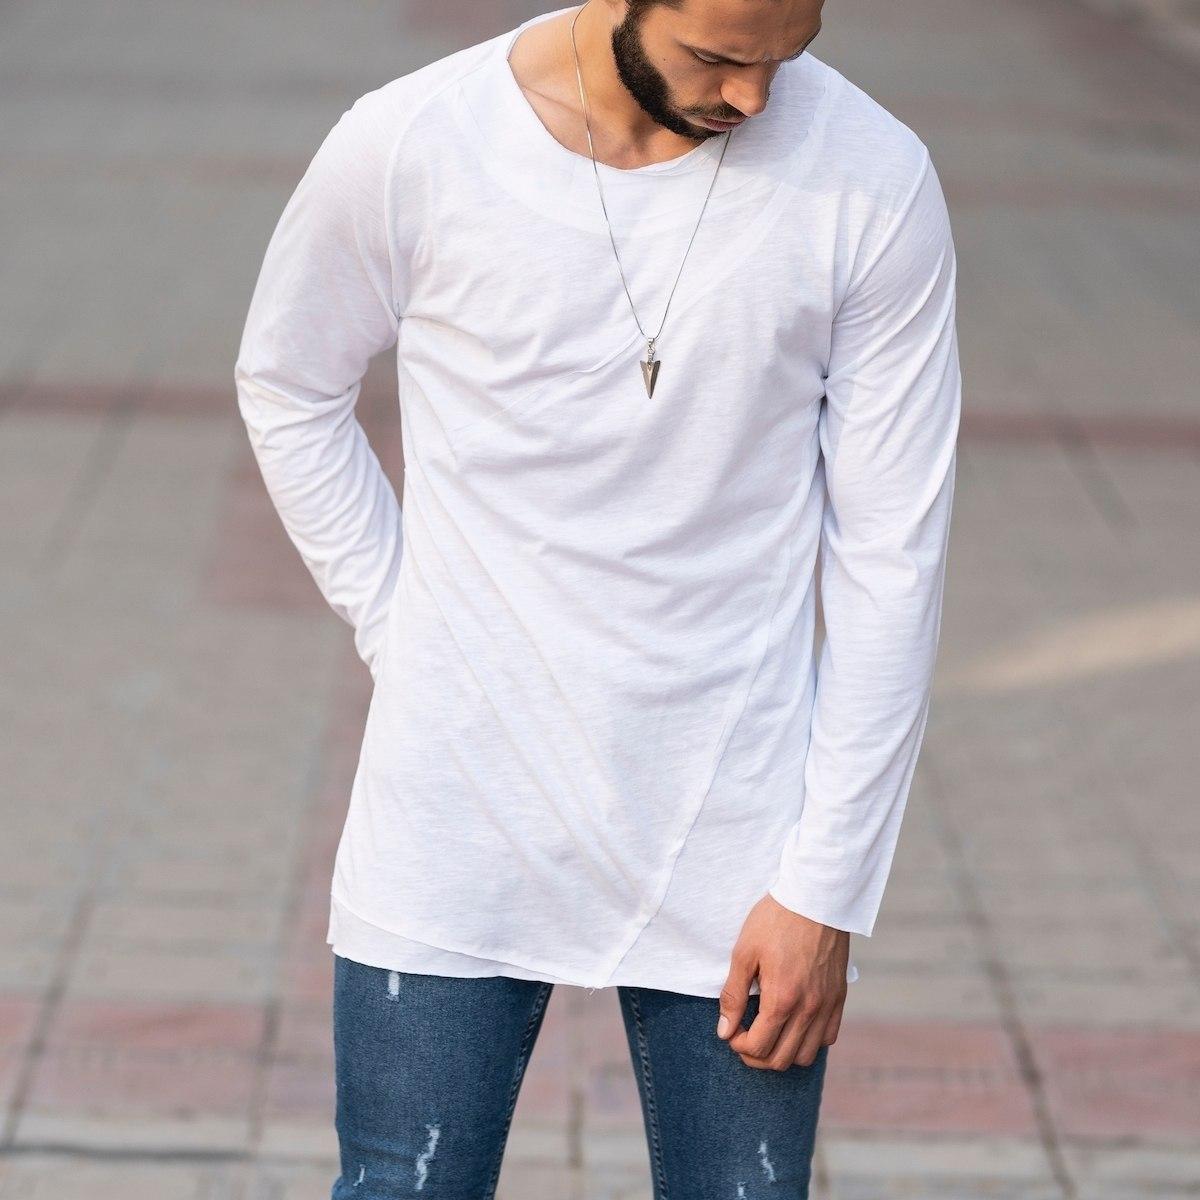 Partial Detailed Sweatshirt In White Mv Premium Brand - 3